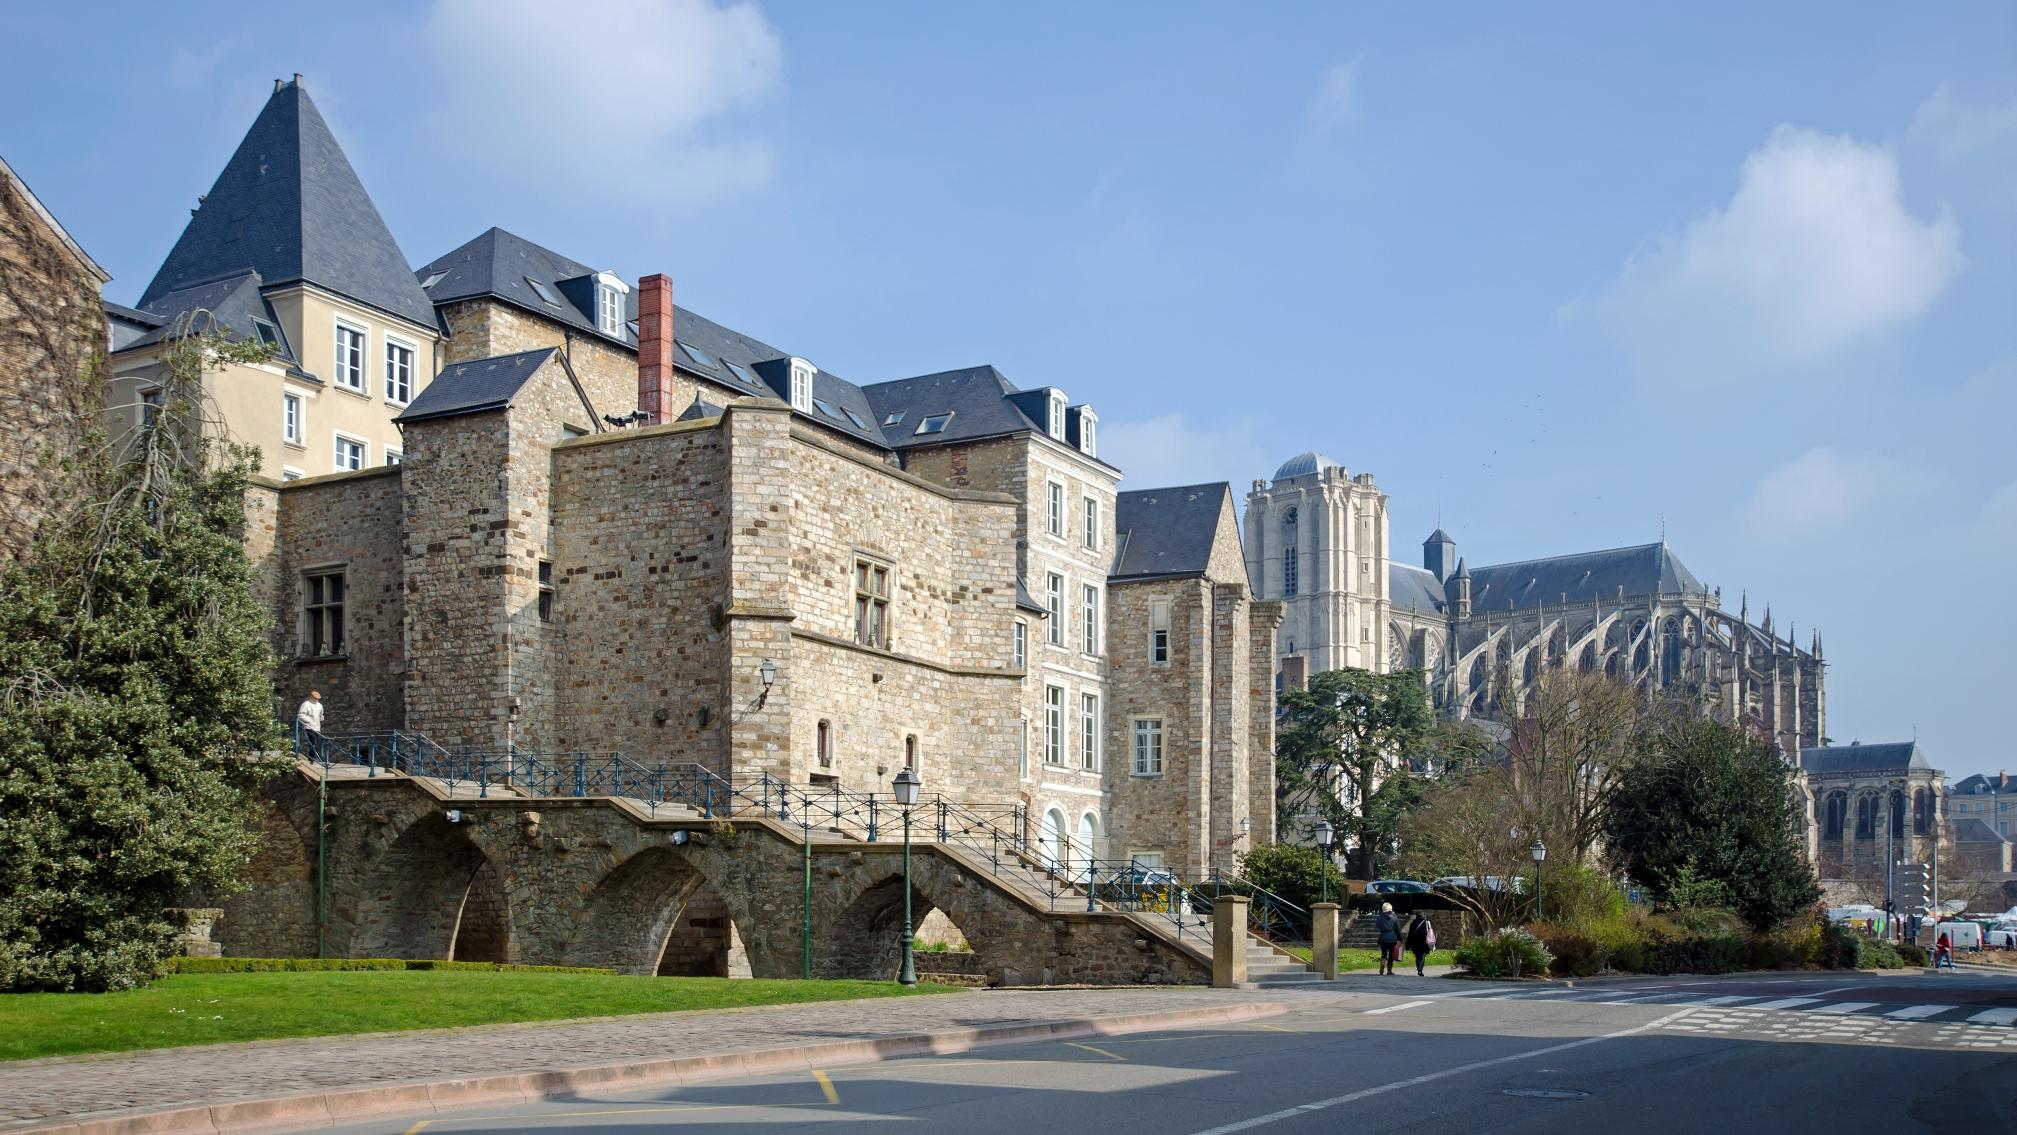 Saint-Léonard-des-Bois